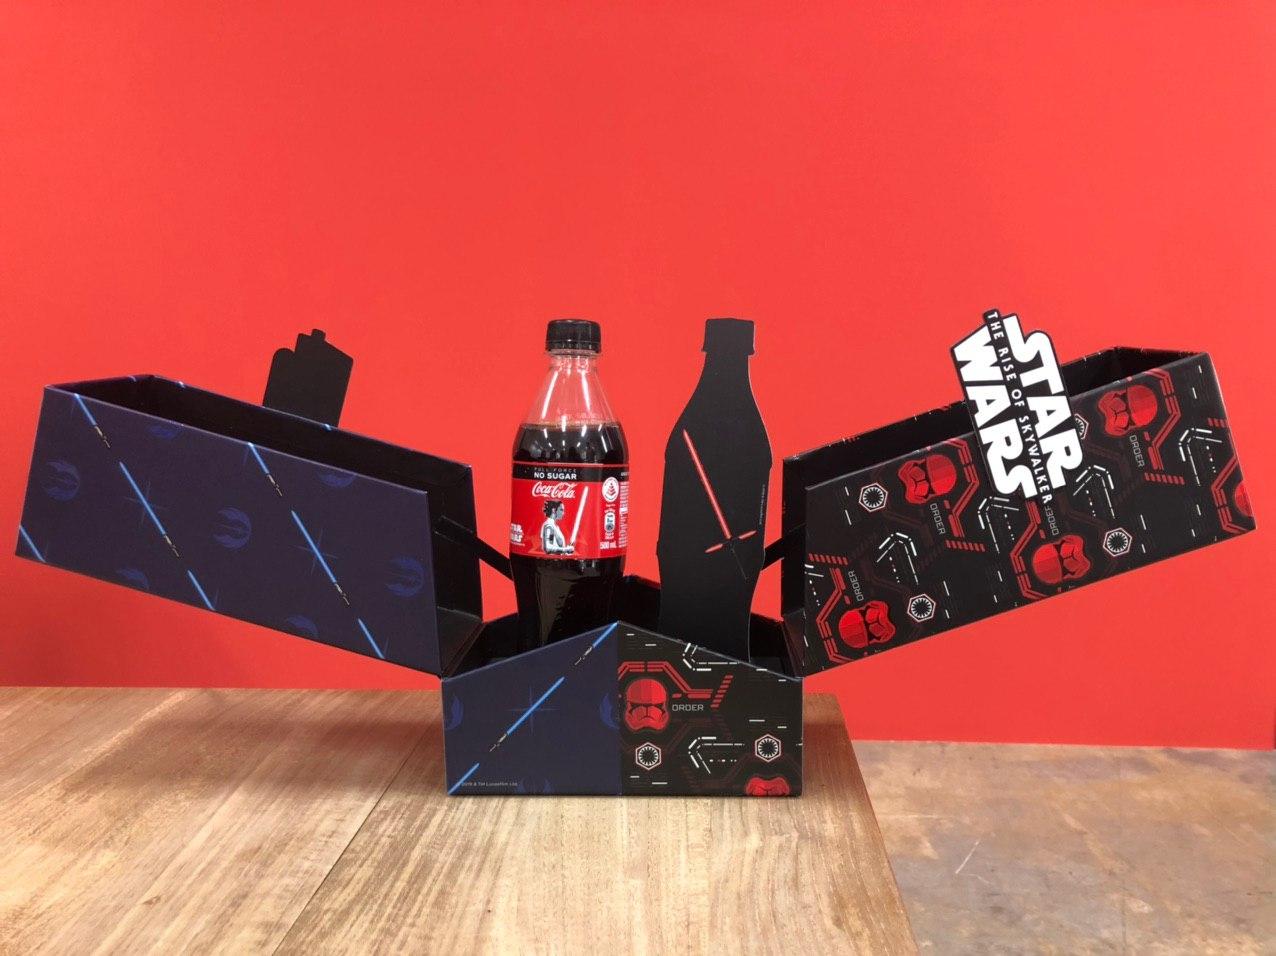 可口可乐推出《星球大战》OLED光剑包装瓶 可被点亮500次